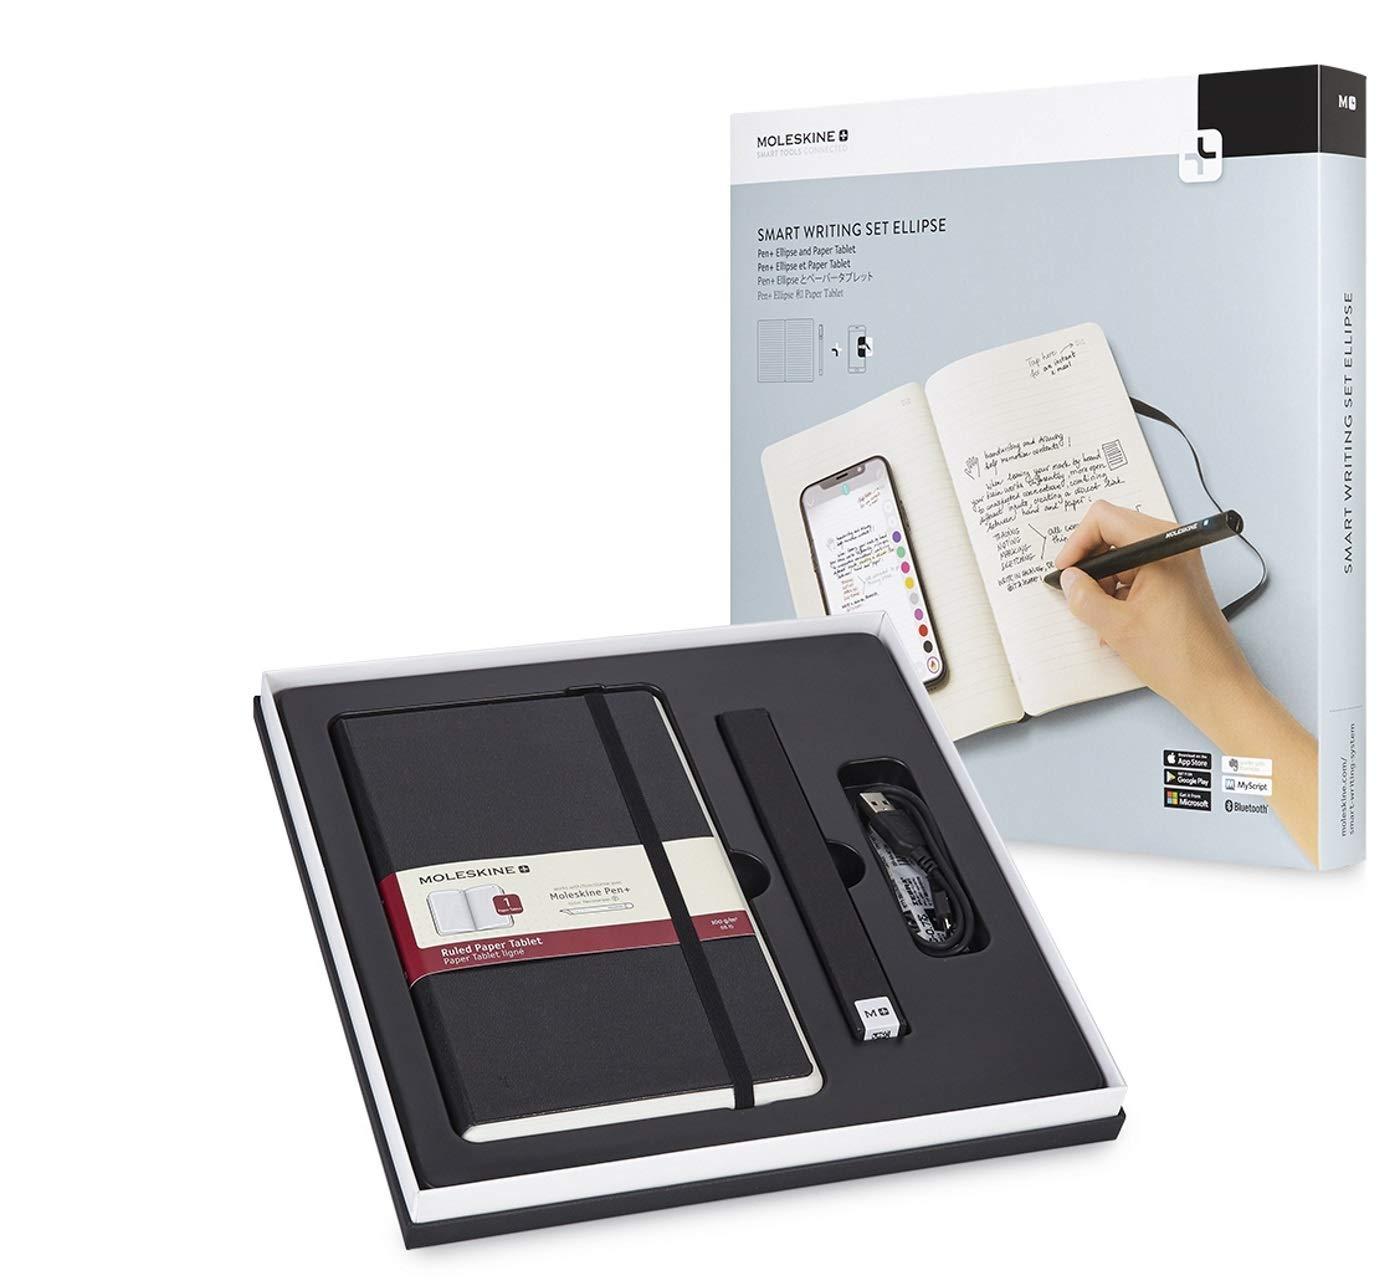 Moleskine - Set de Escritura Inteligente, Cuaderno Digital y ...